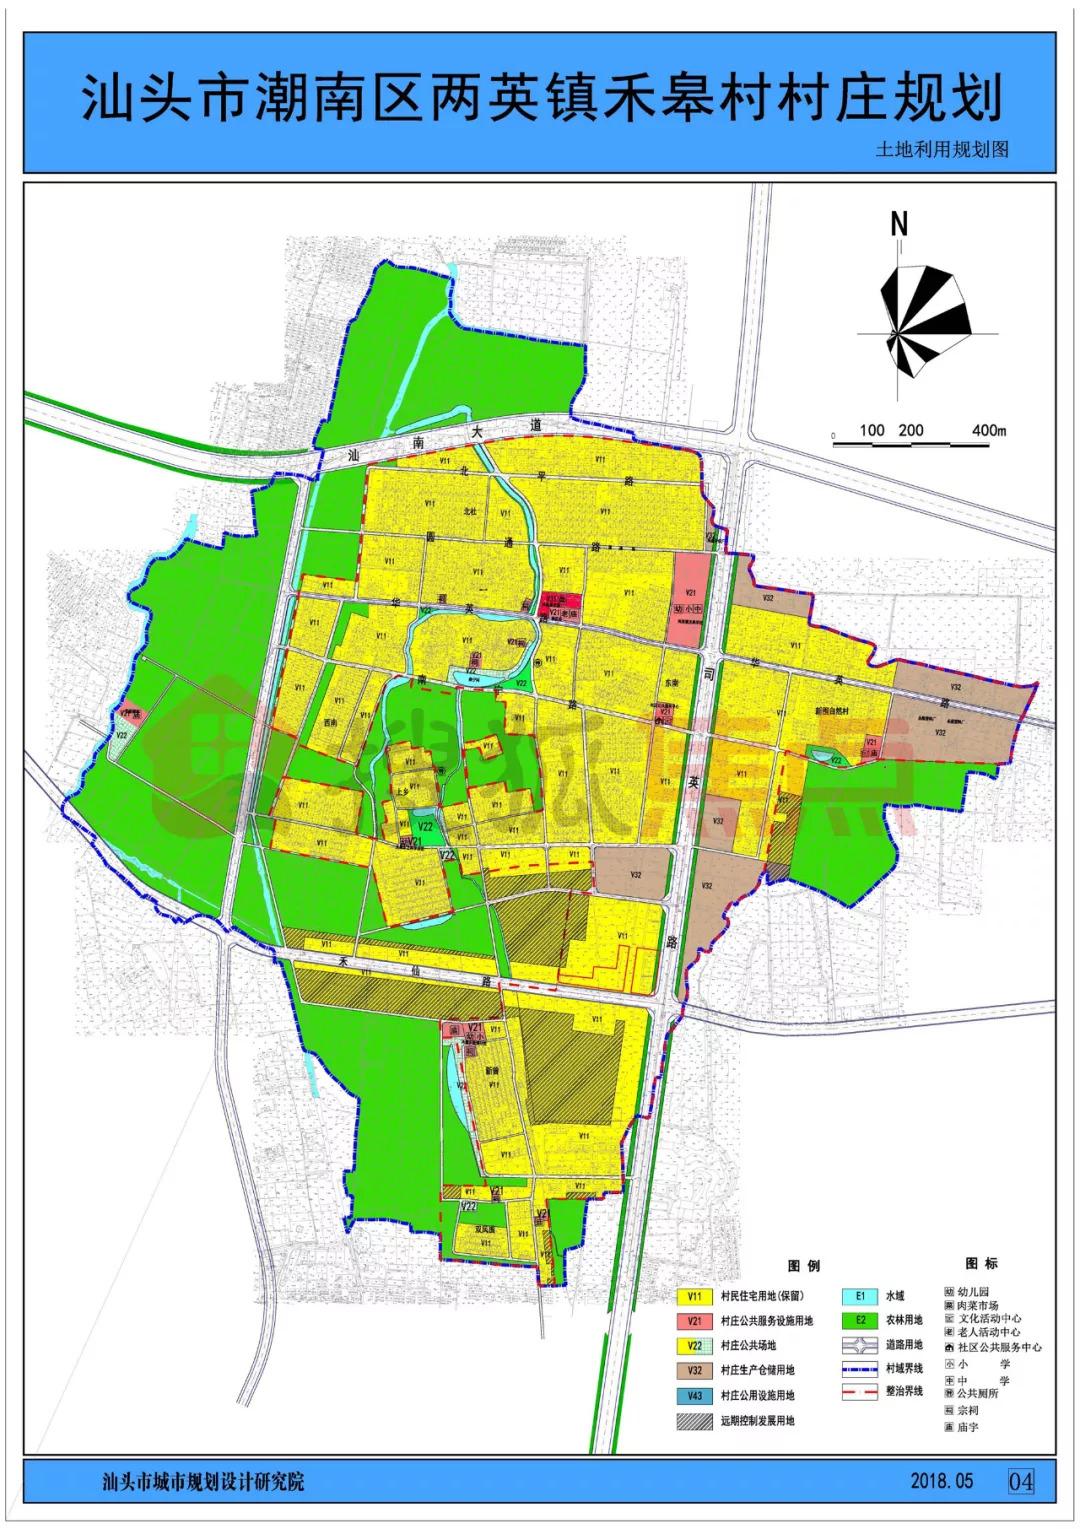 这个区新增住宅面积1815亩 拟建独立式小康型住宅